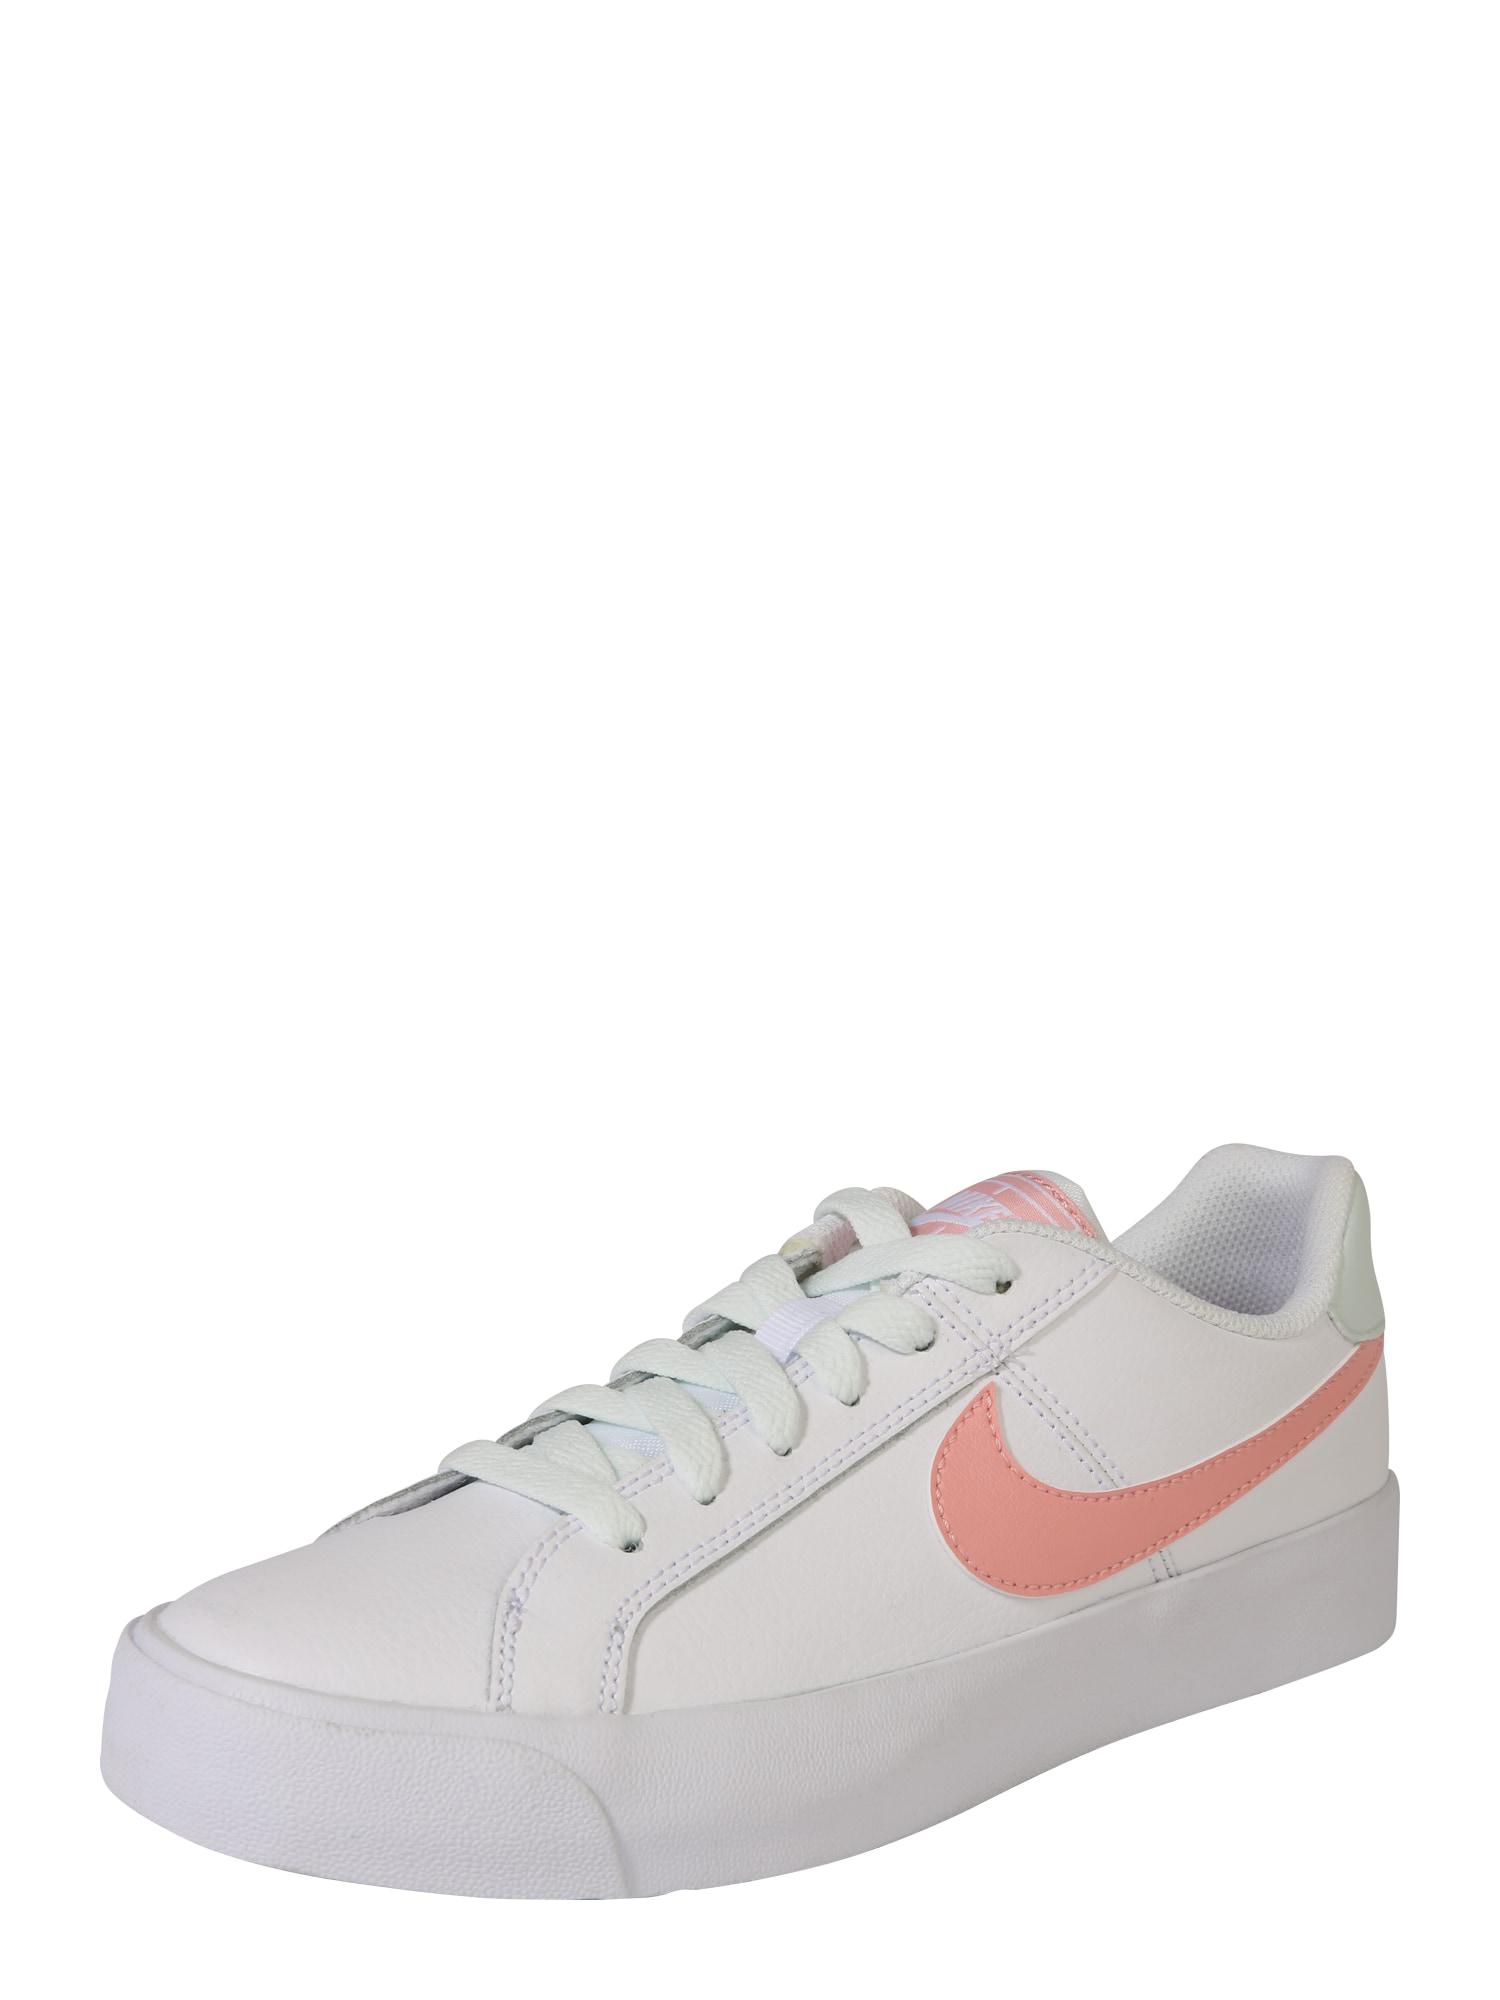 Tenisky Nike Court Royale AC korálová bílá Nike Sportswear